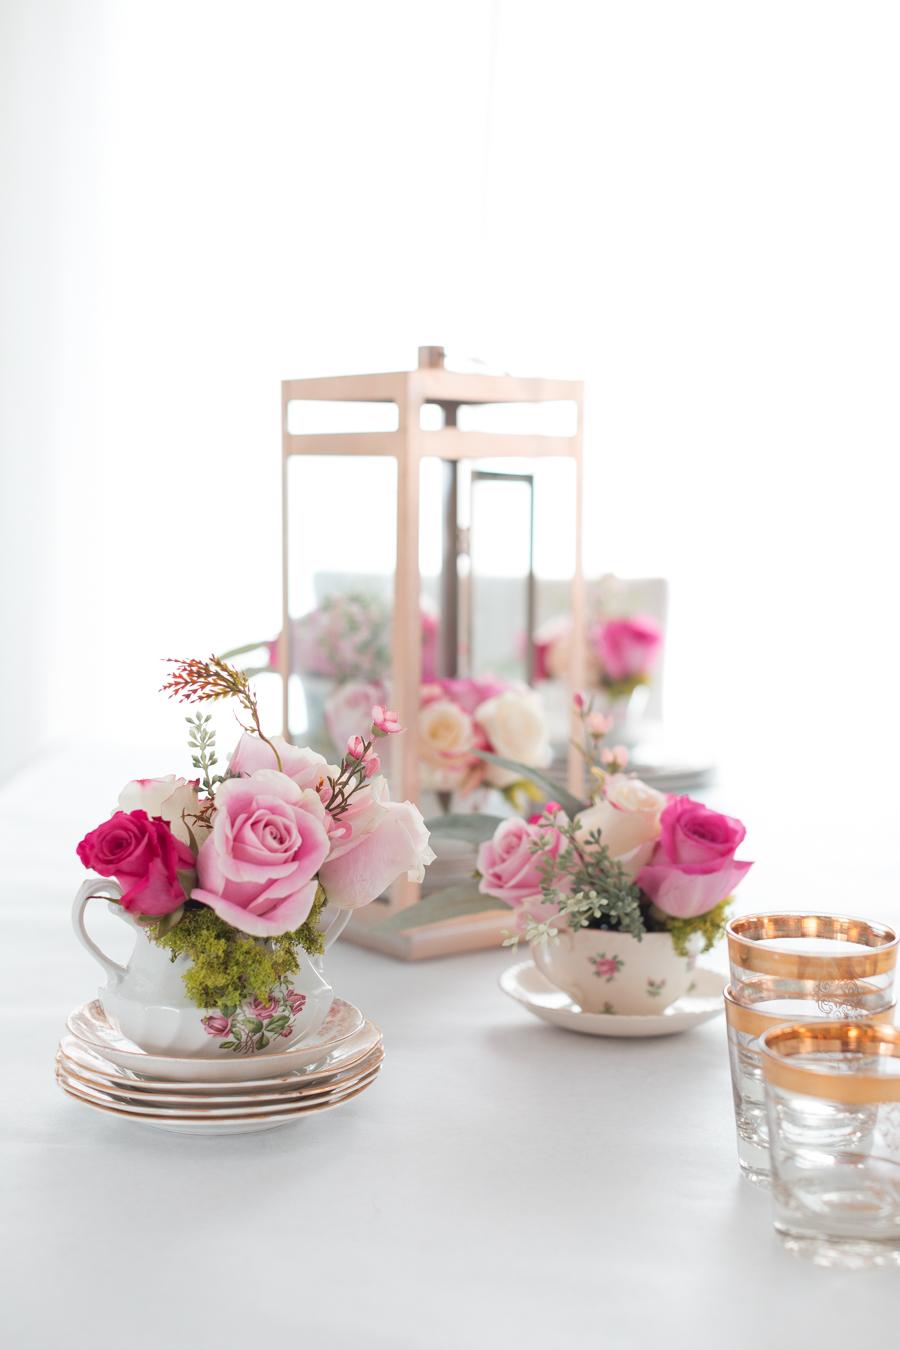 teacupflowerarrangementcraftberrybush-3